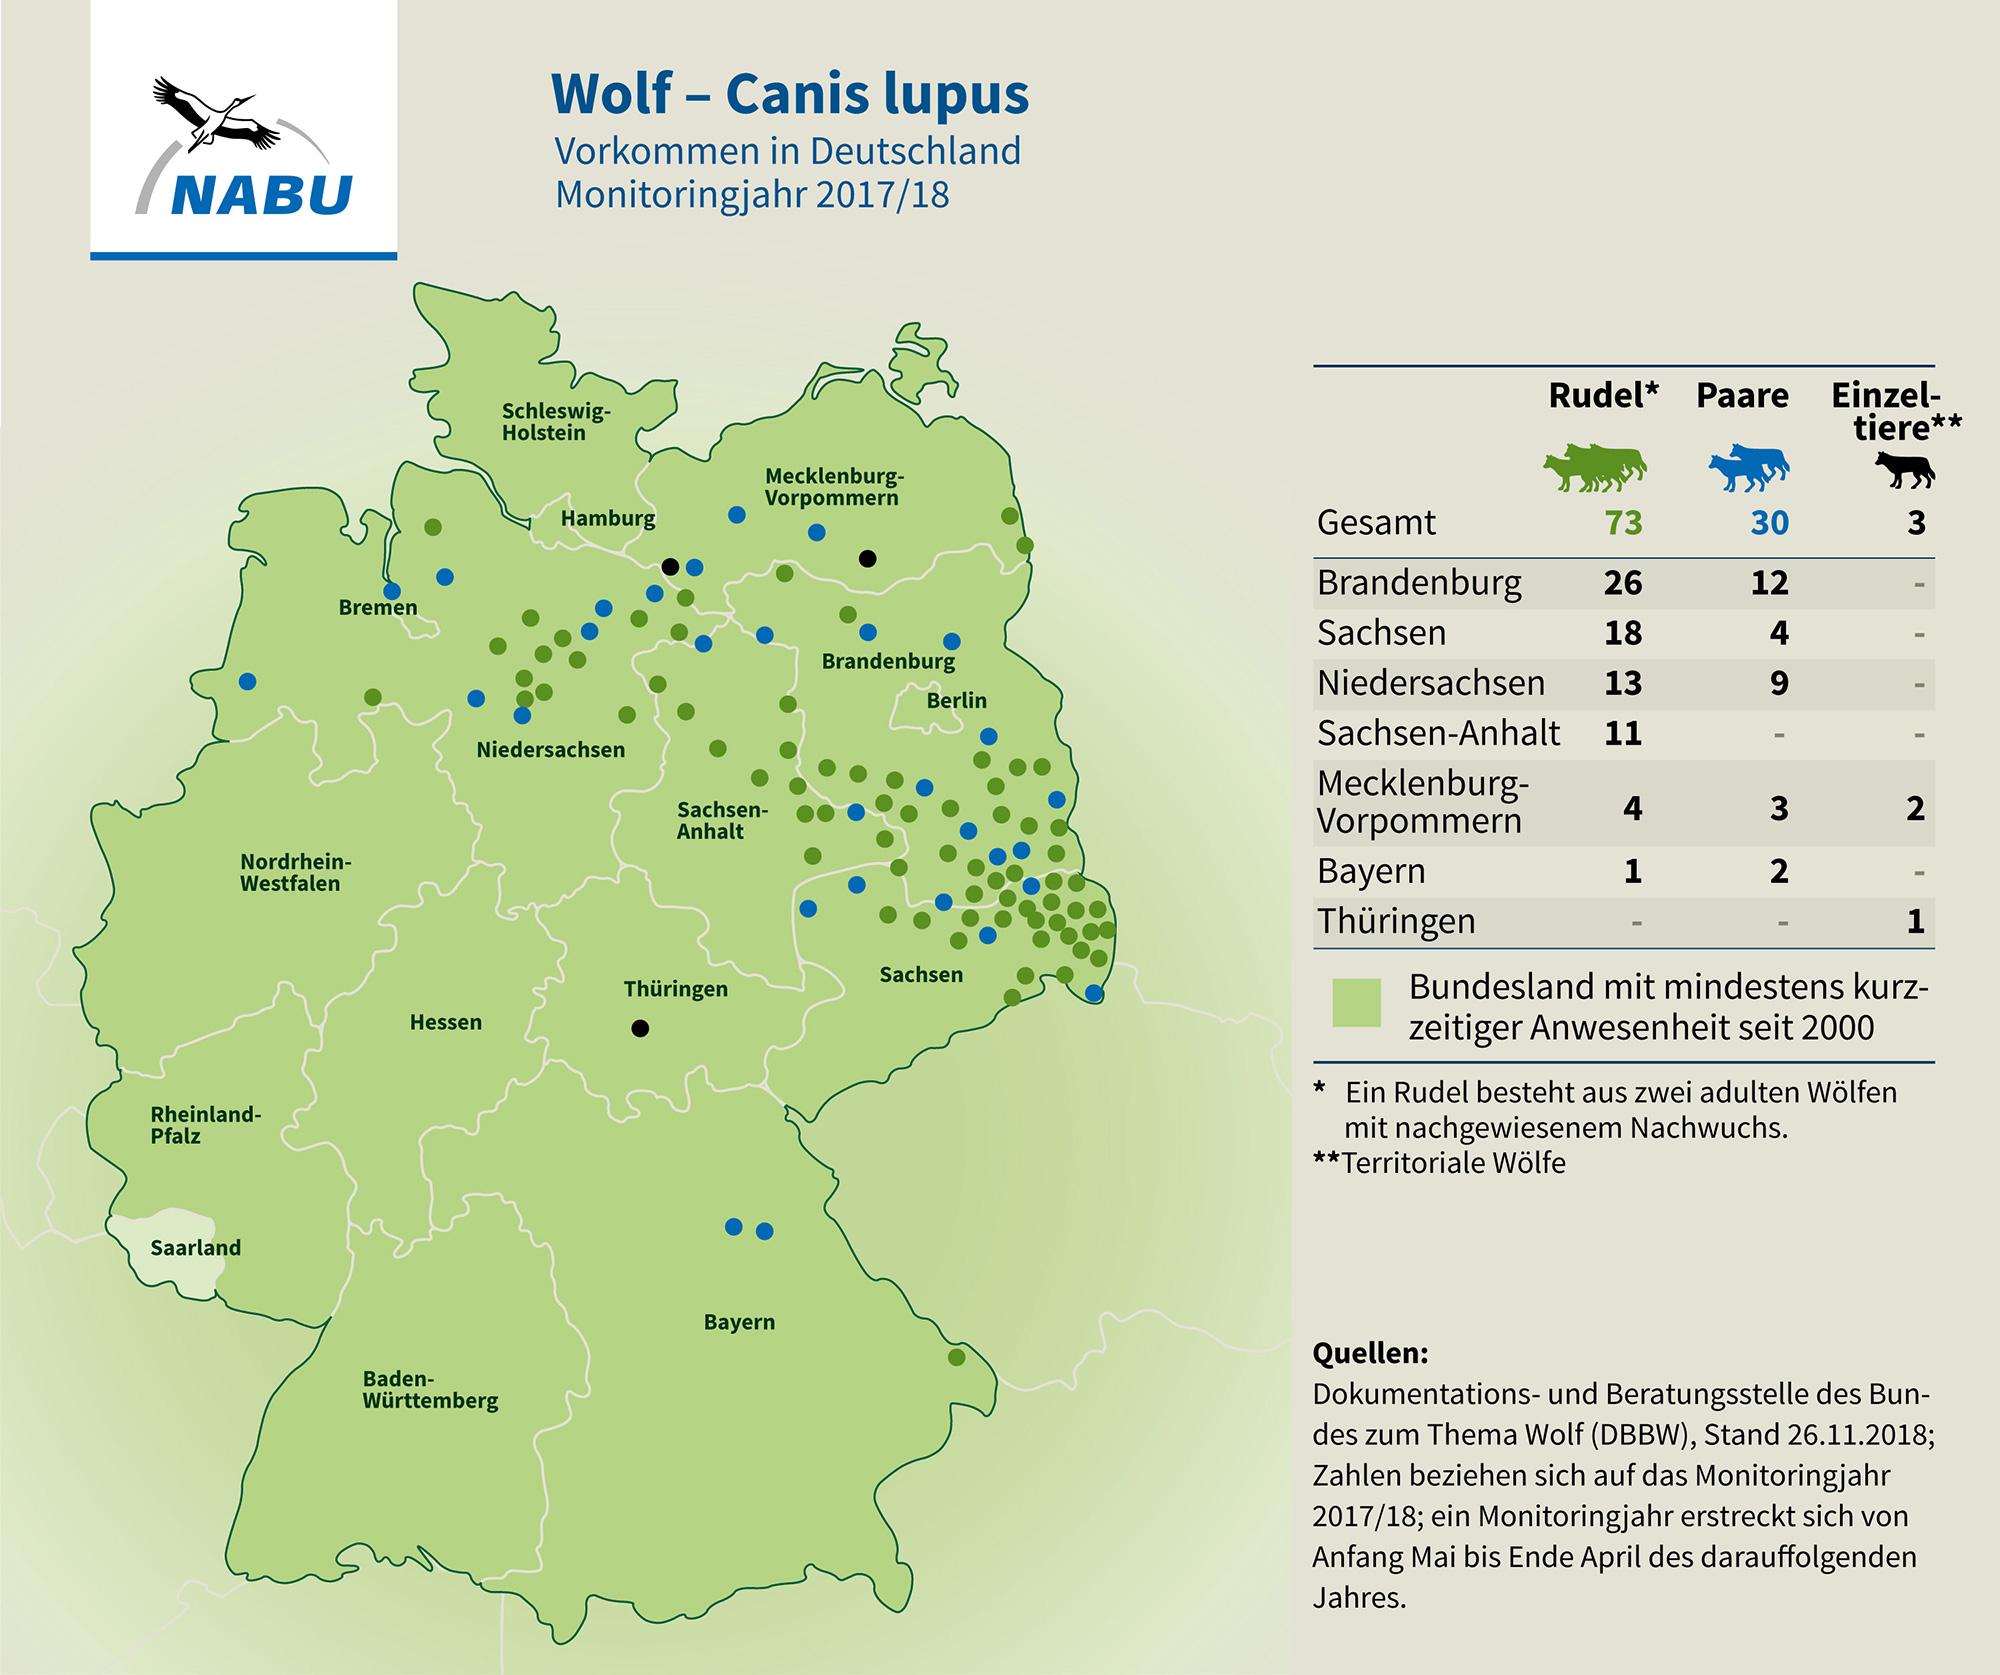 Verbreitungskarte Wölfe in Deutschland im Jahre 2018